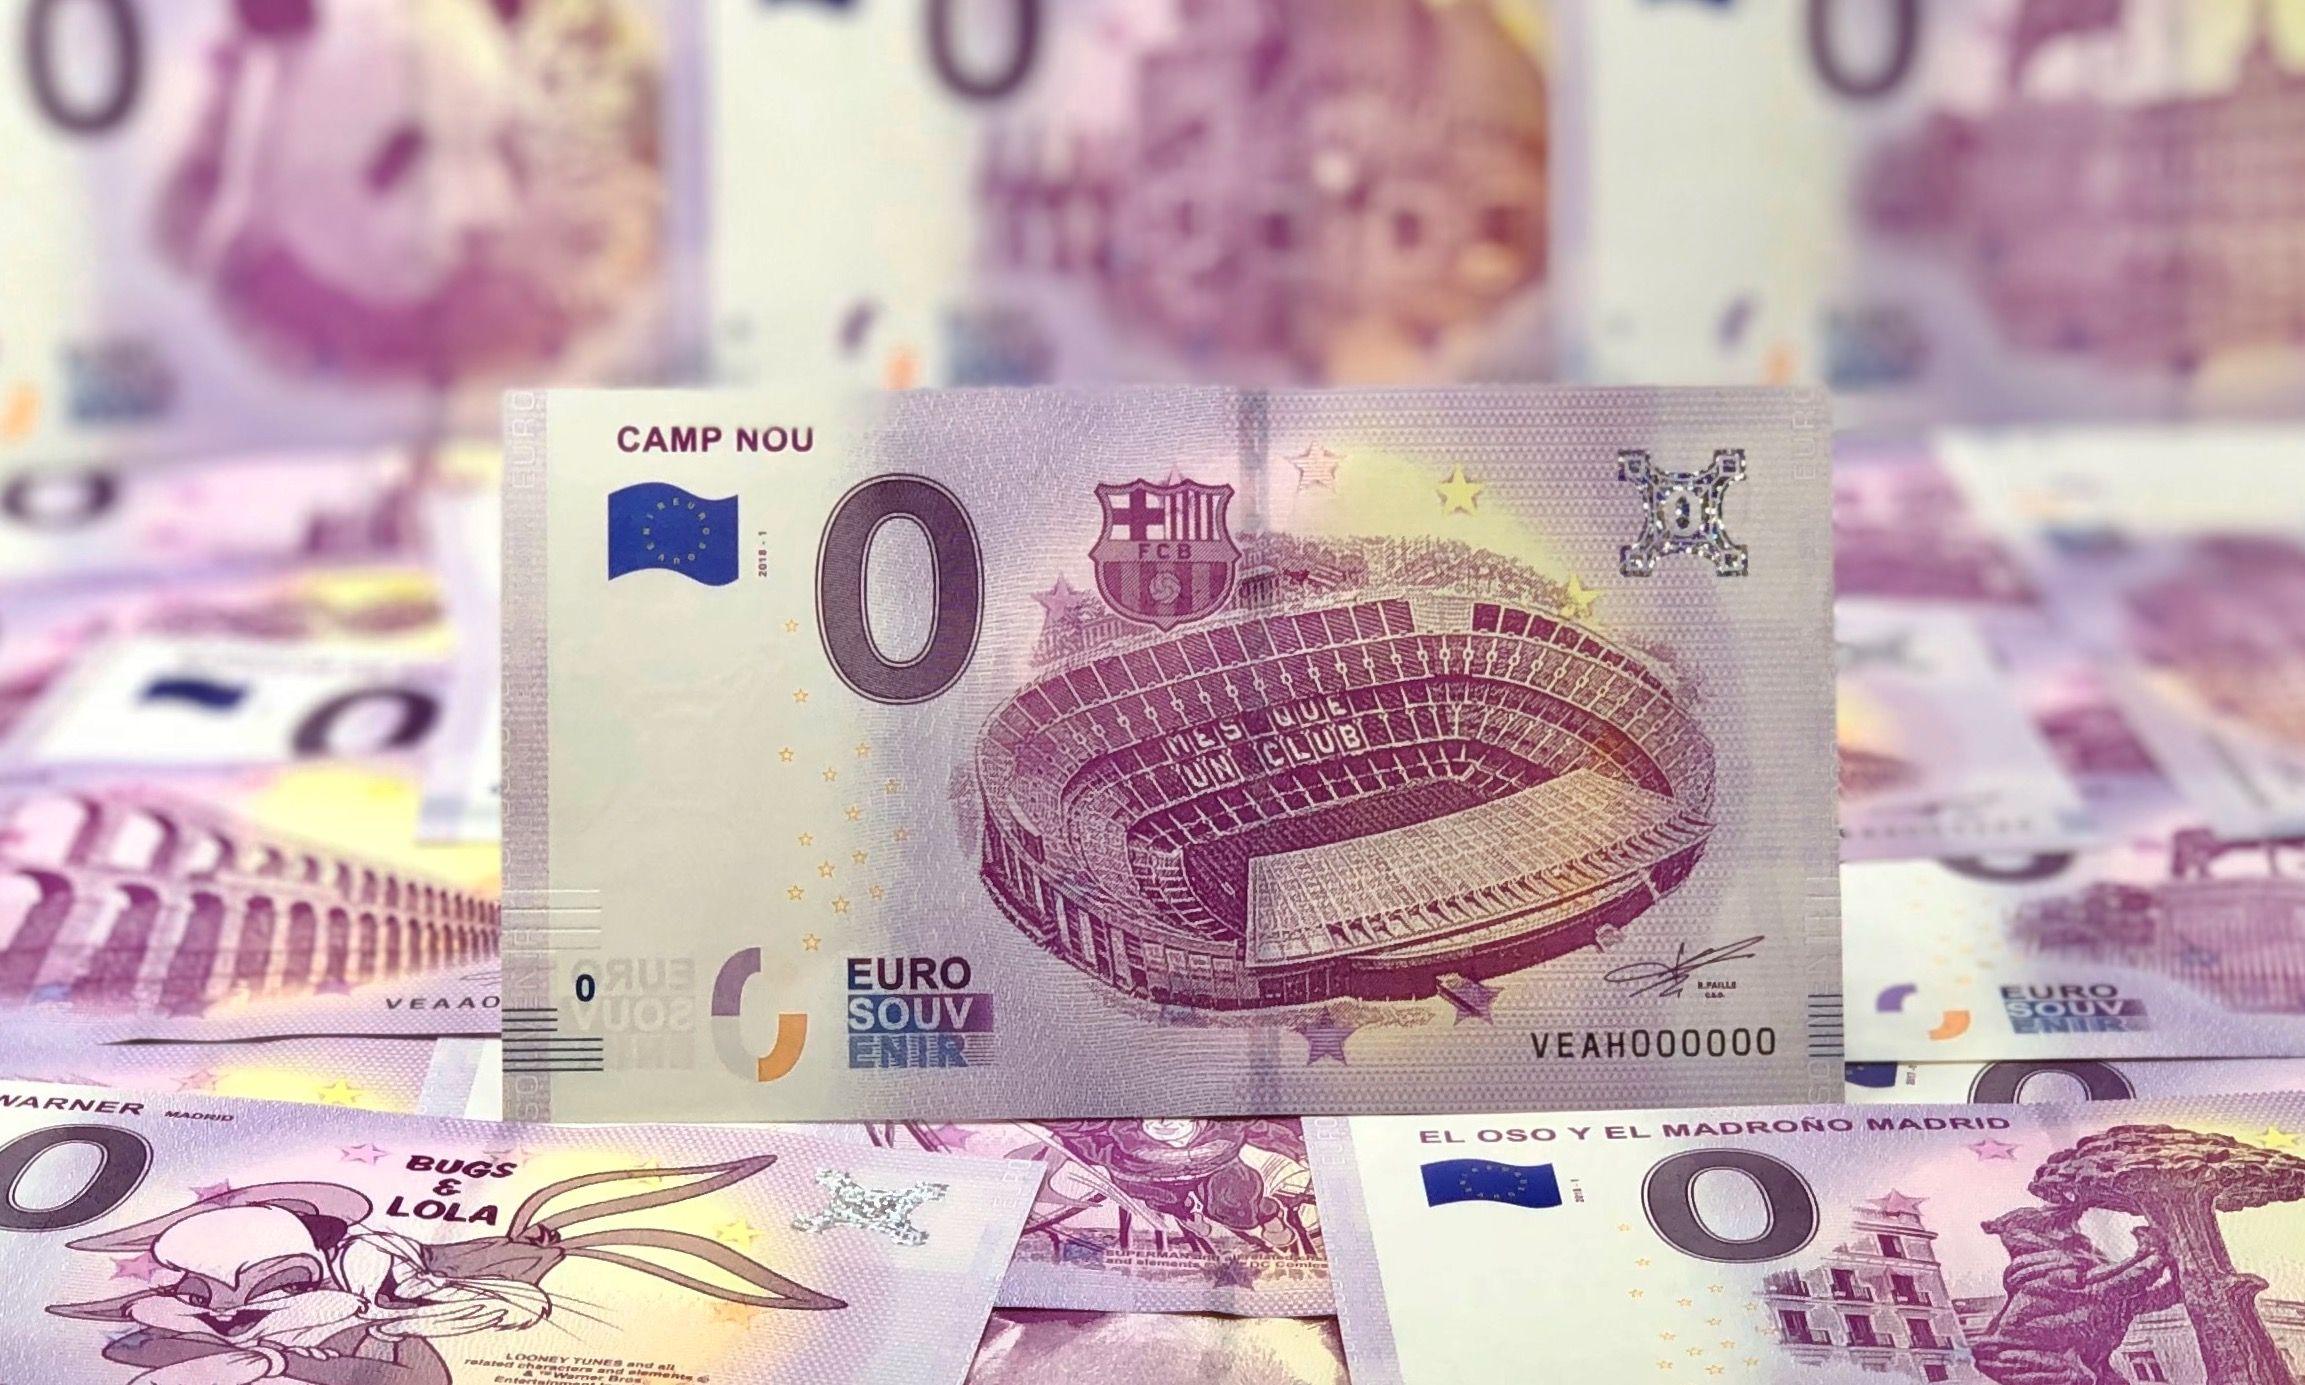 Foto de campnou_billetes0euros_eurosouvenir